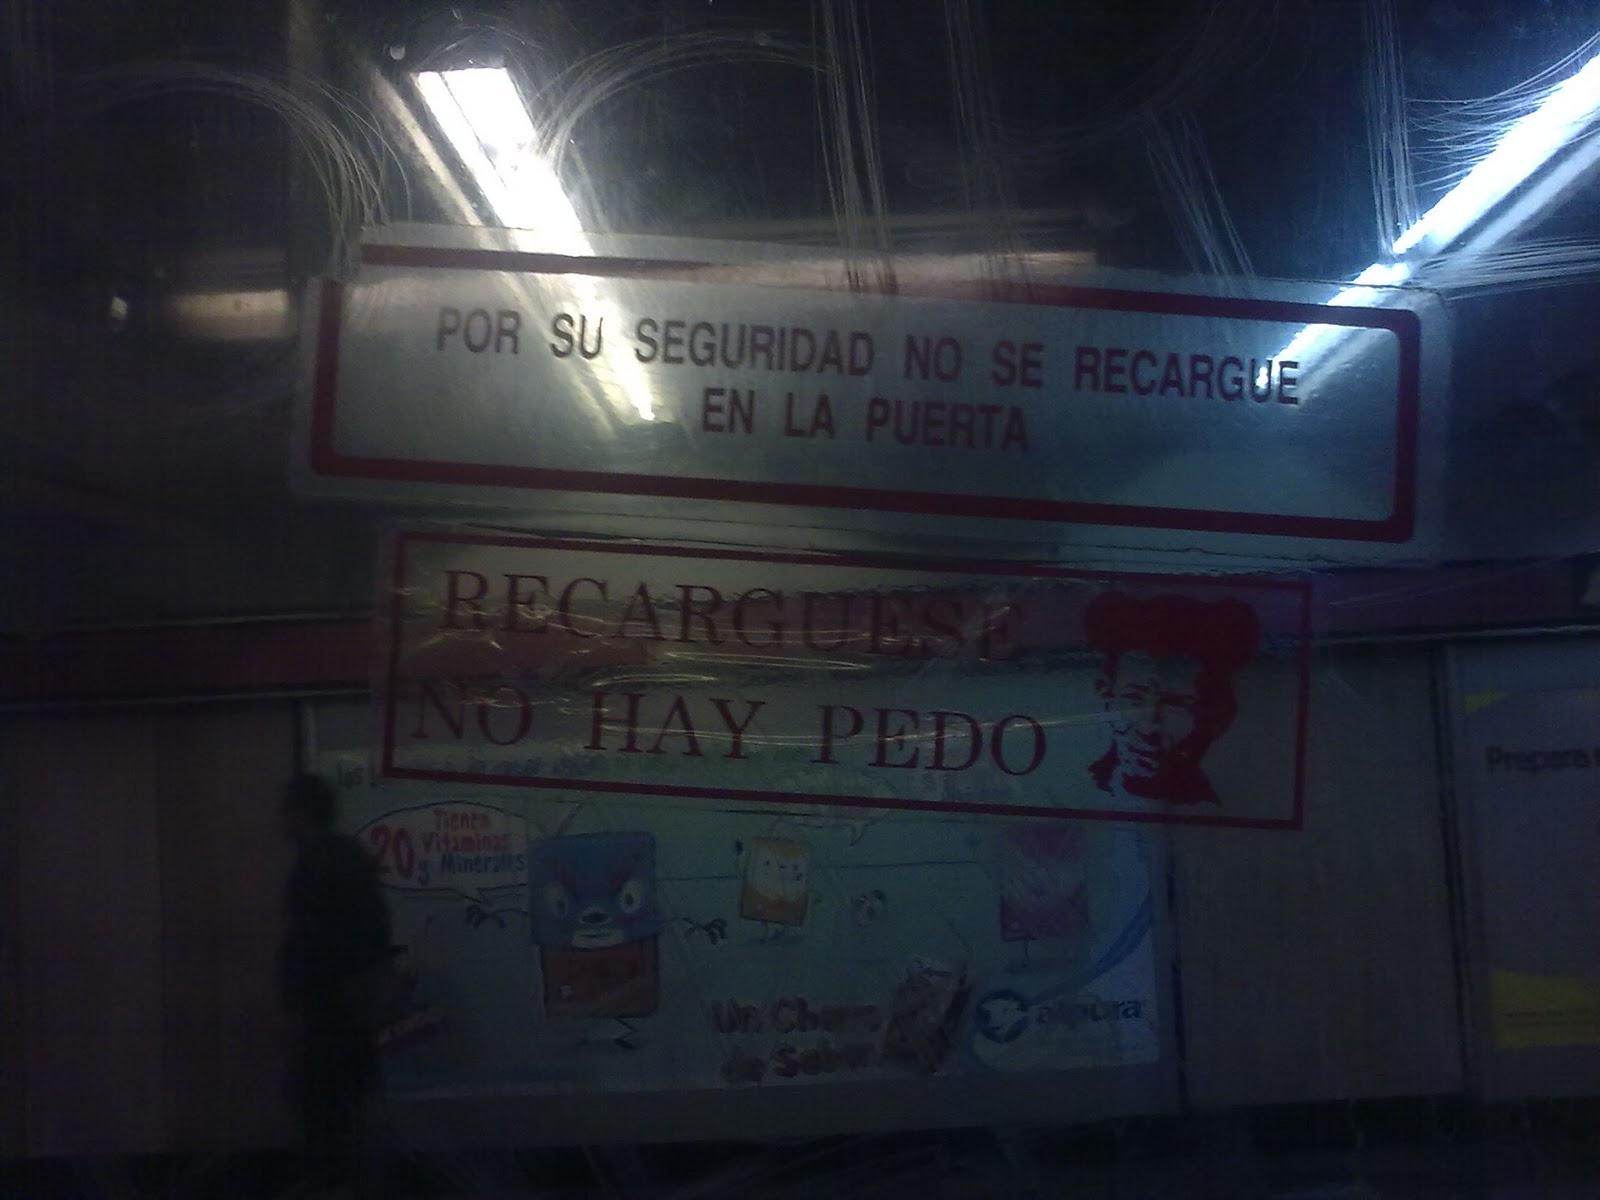 Results Videos Gratis De Arrimones Y Manoseo En Transporte Publico